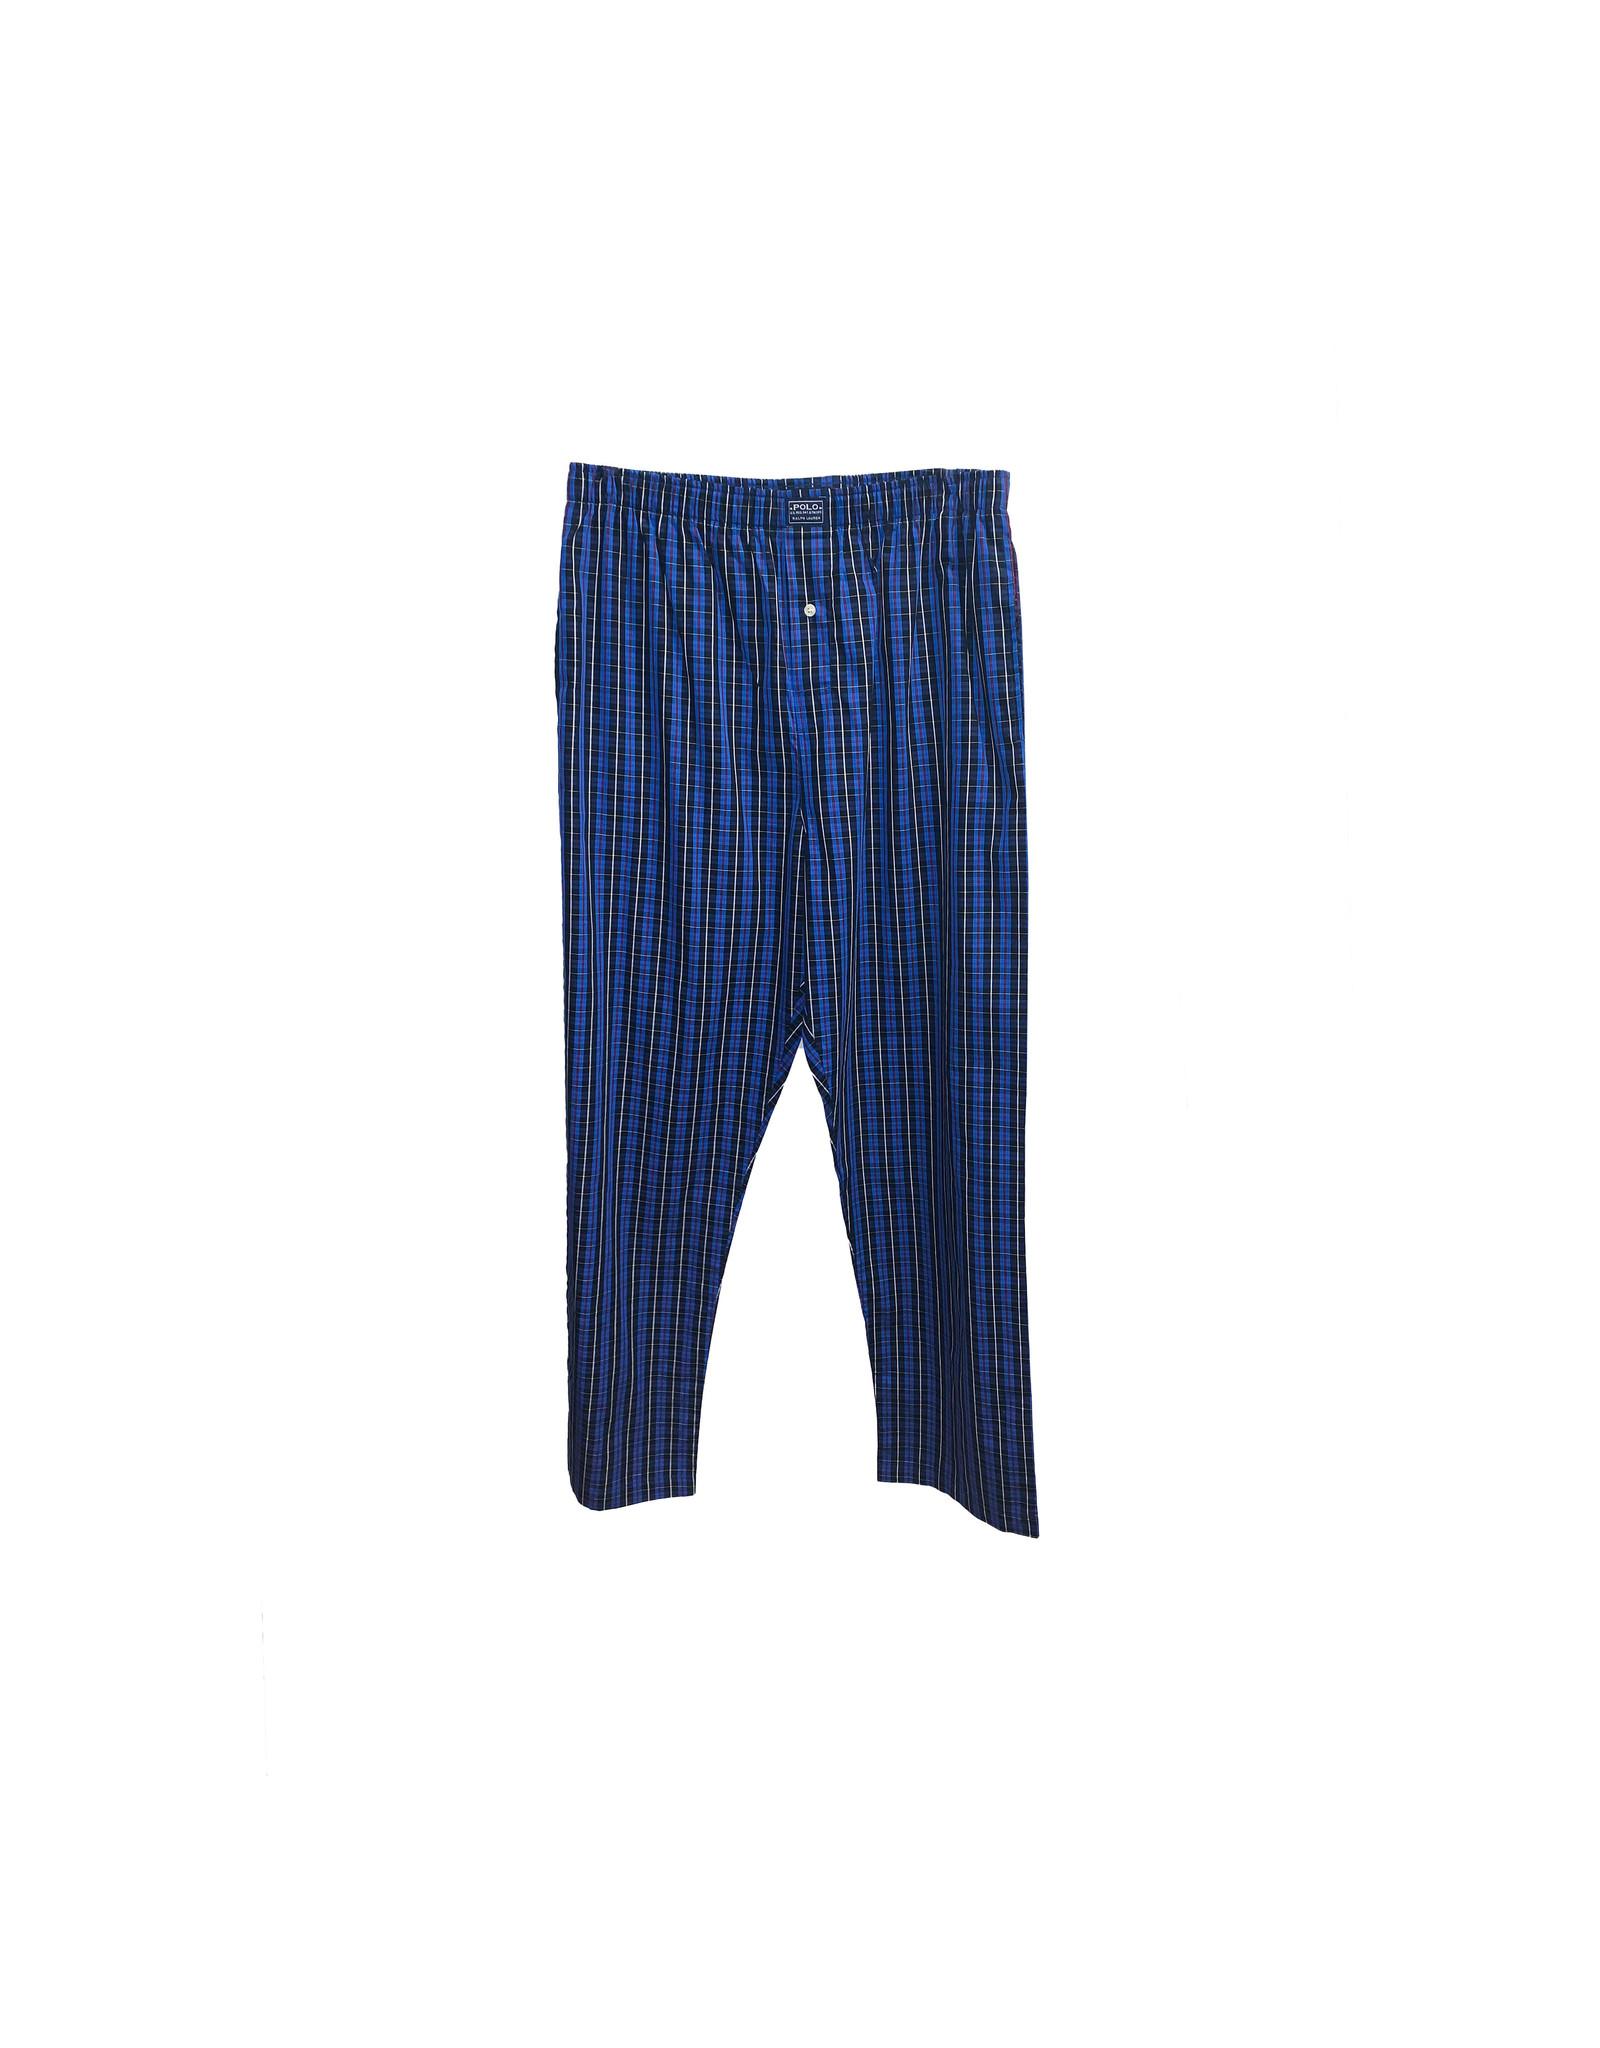 POLO RALPH LAUREN Polo Ralph  Lauren  Pants Pyjamas  Size L